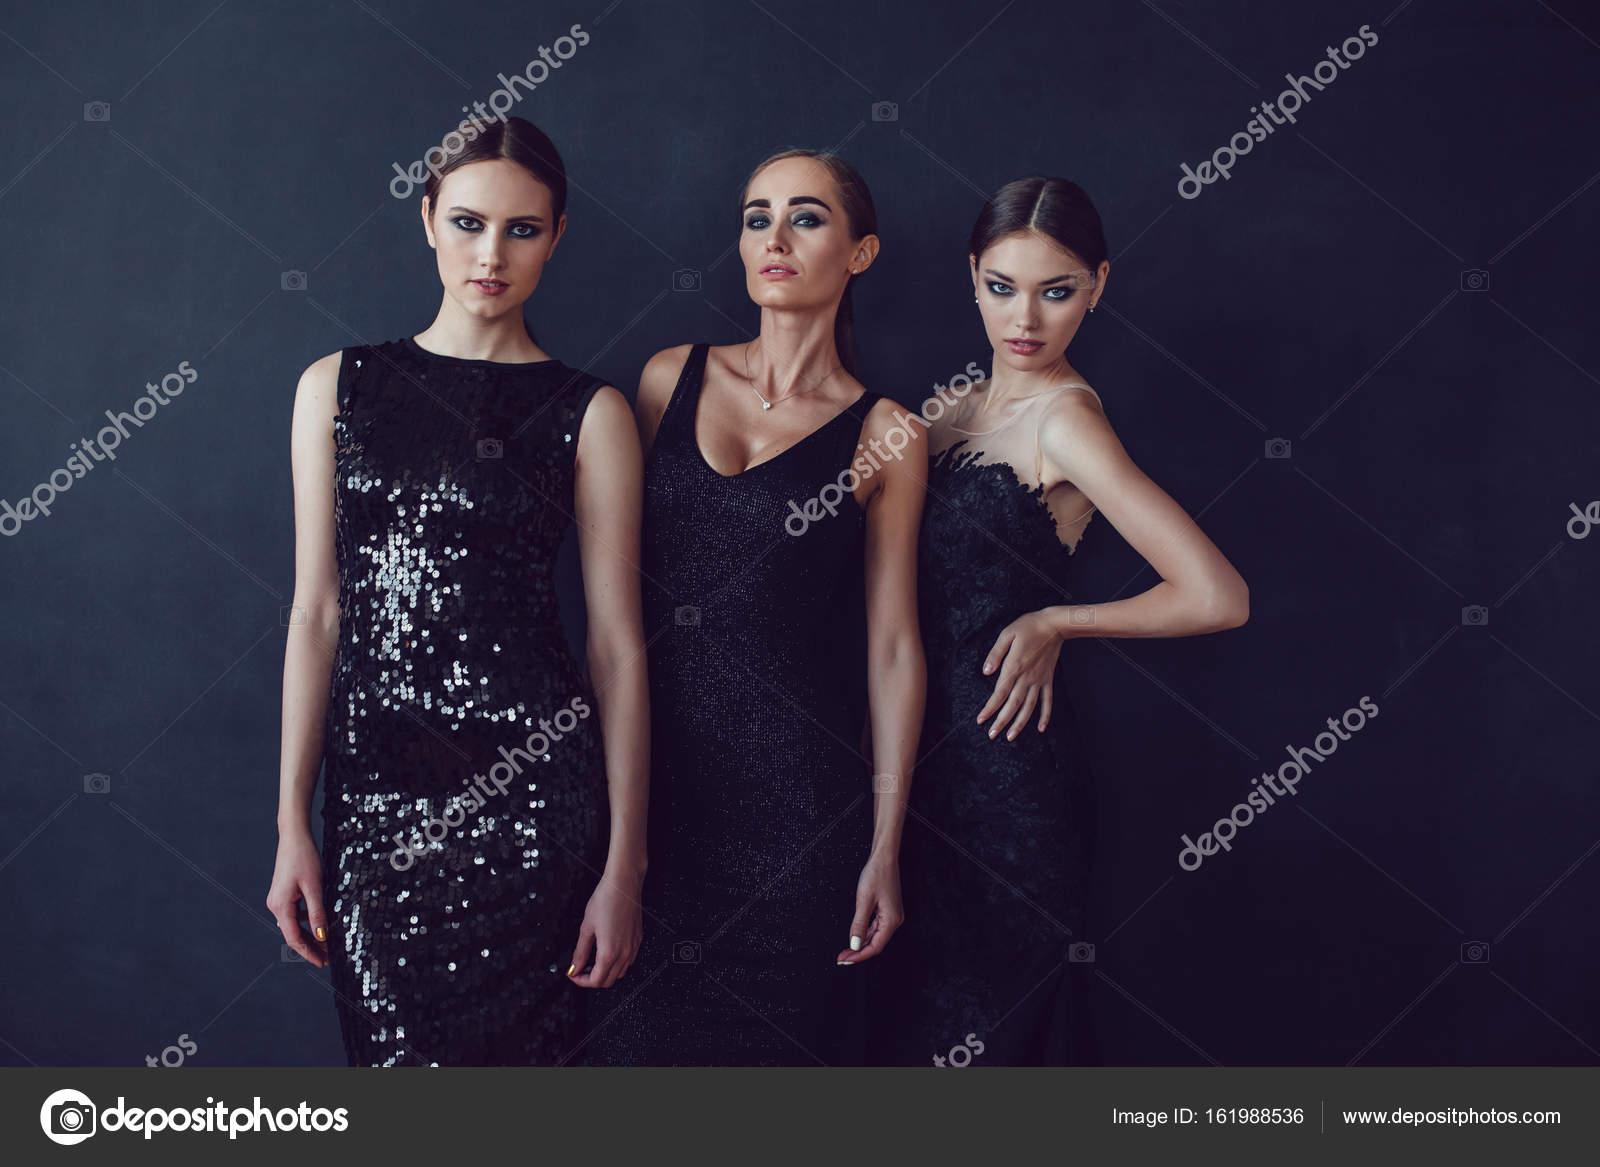 Fein Bilder Von Cocktail Kleidern Fotos - Hochzeit Kleid Stile Ideen ...